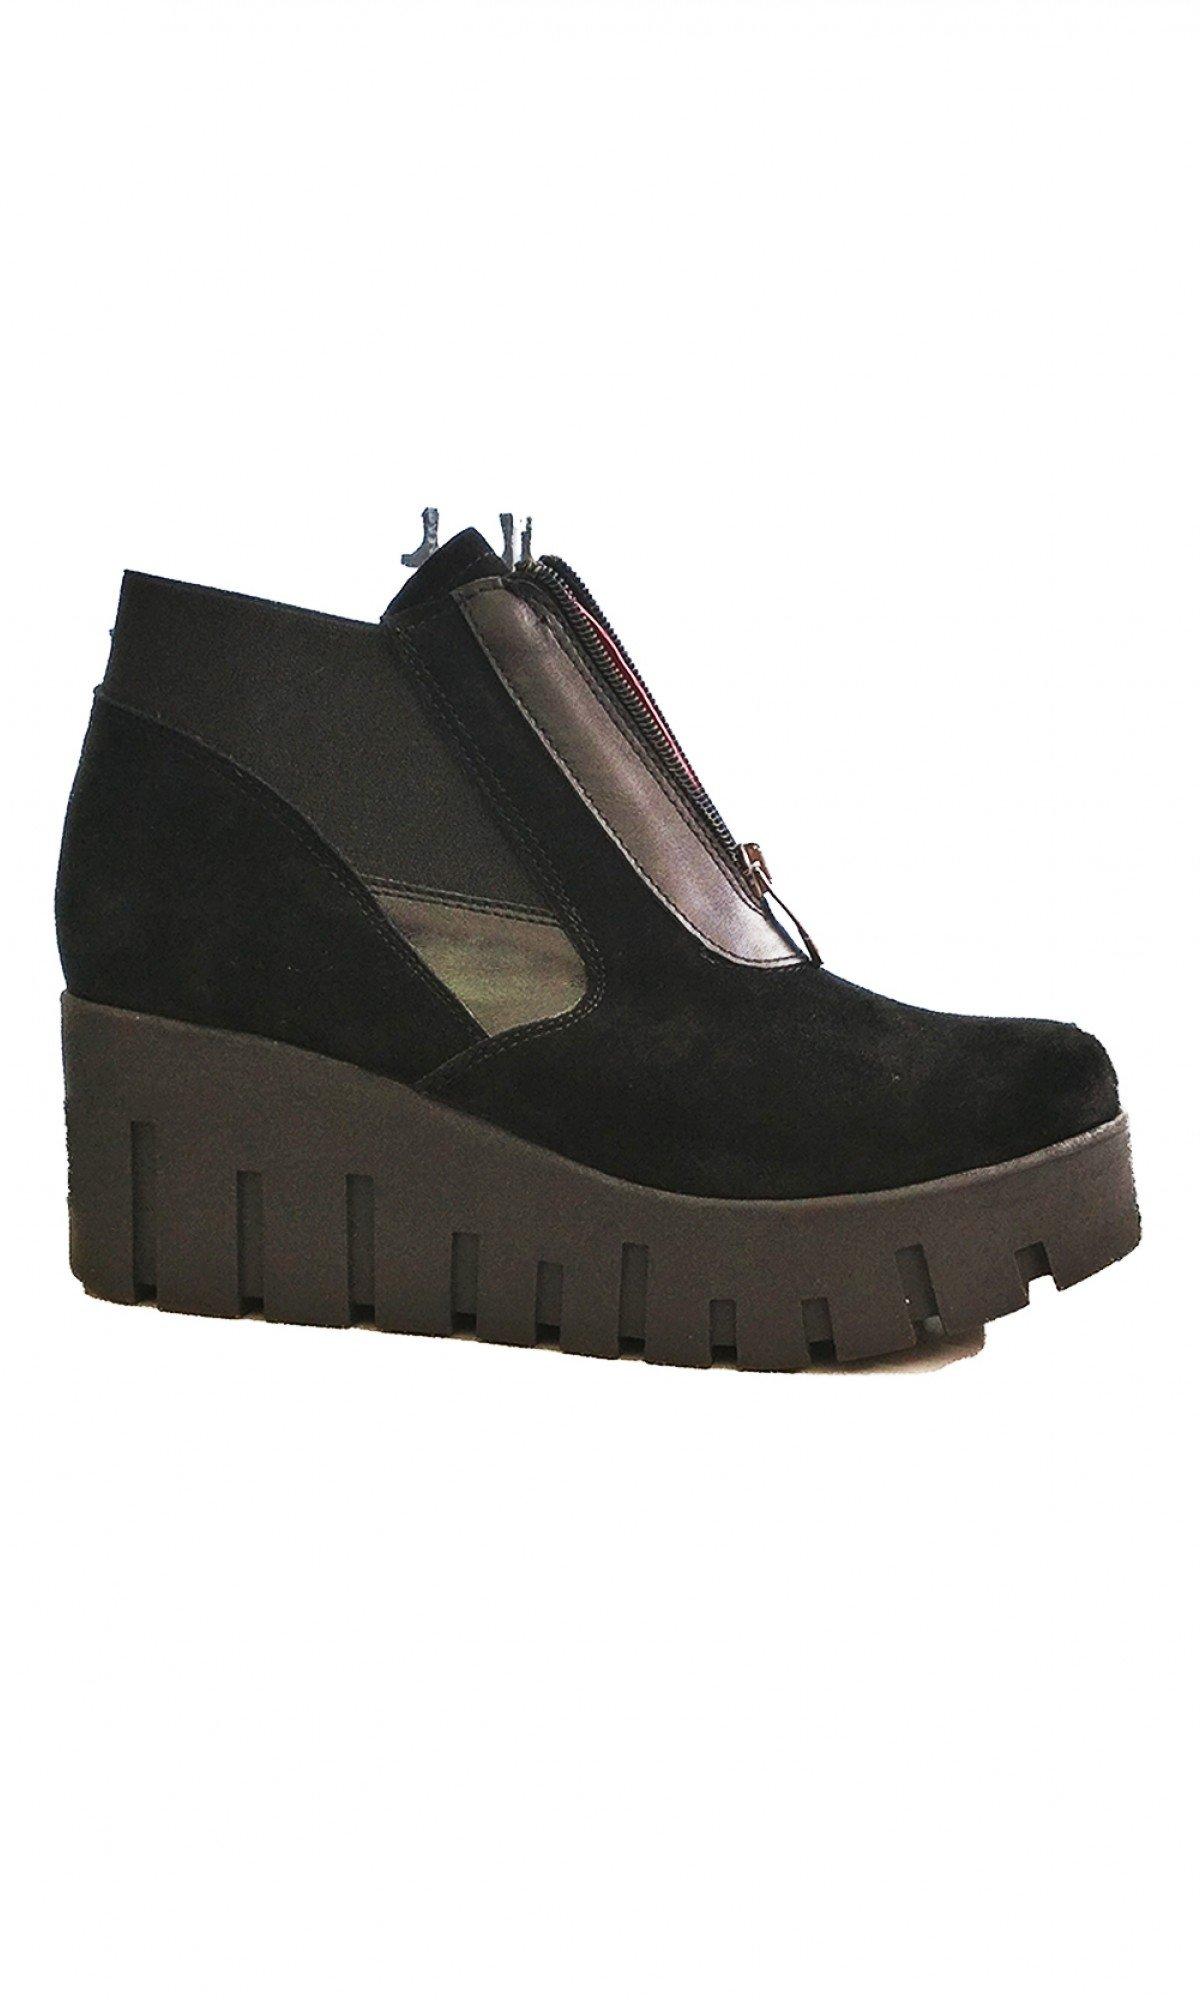 Black Suede Platform Shoes A15752